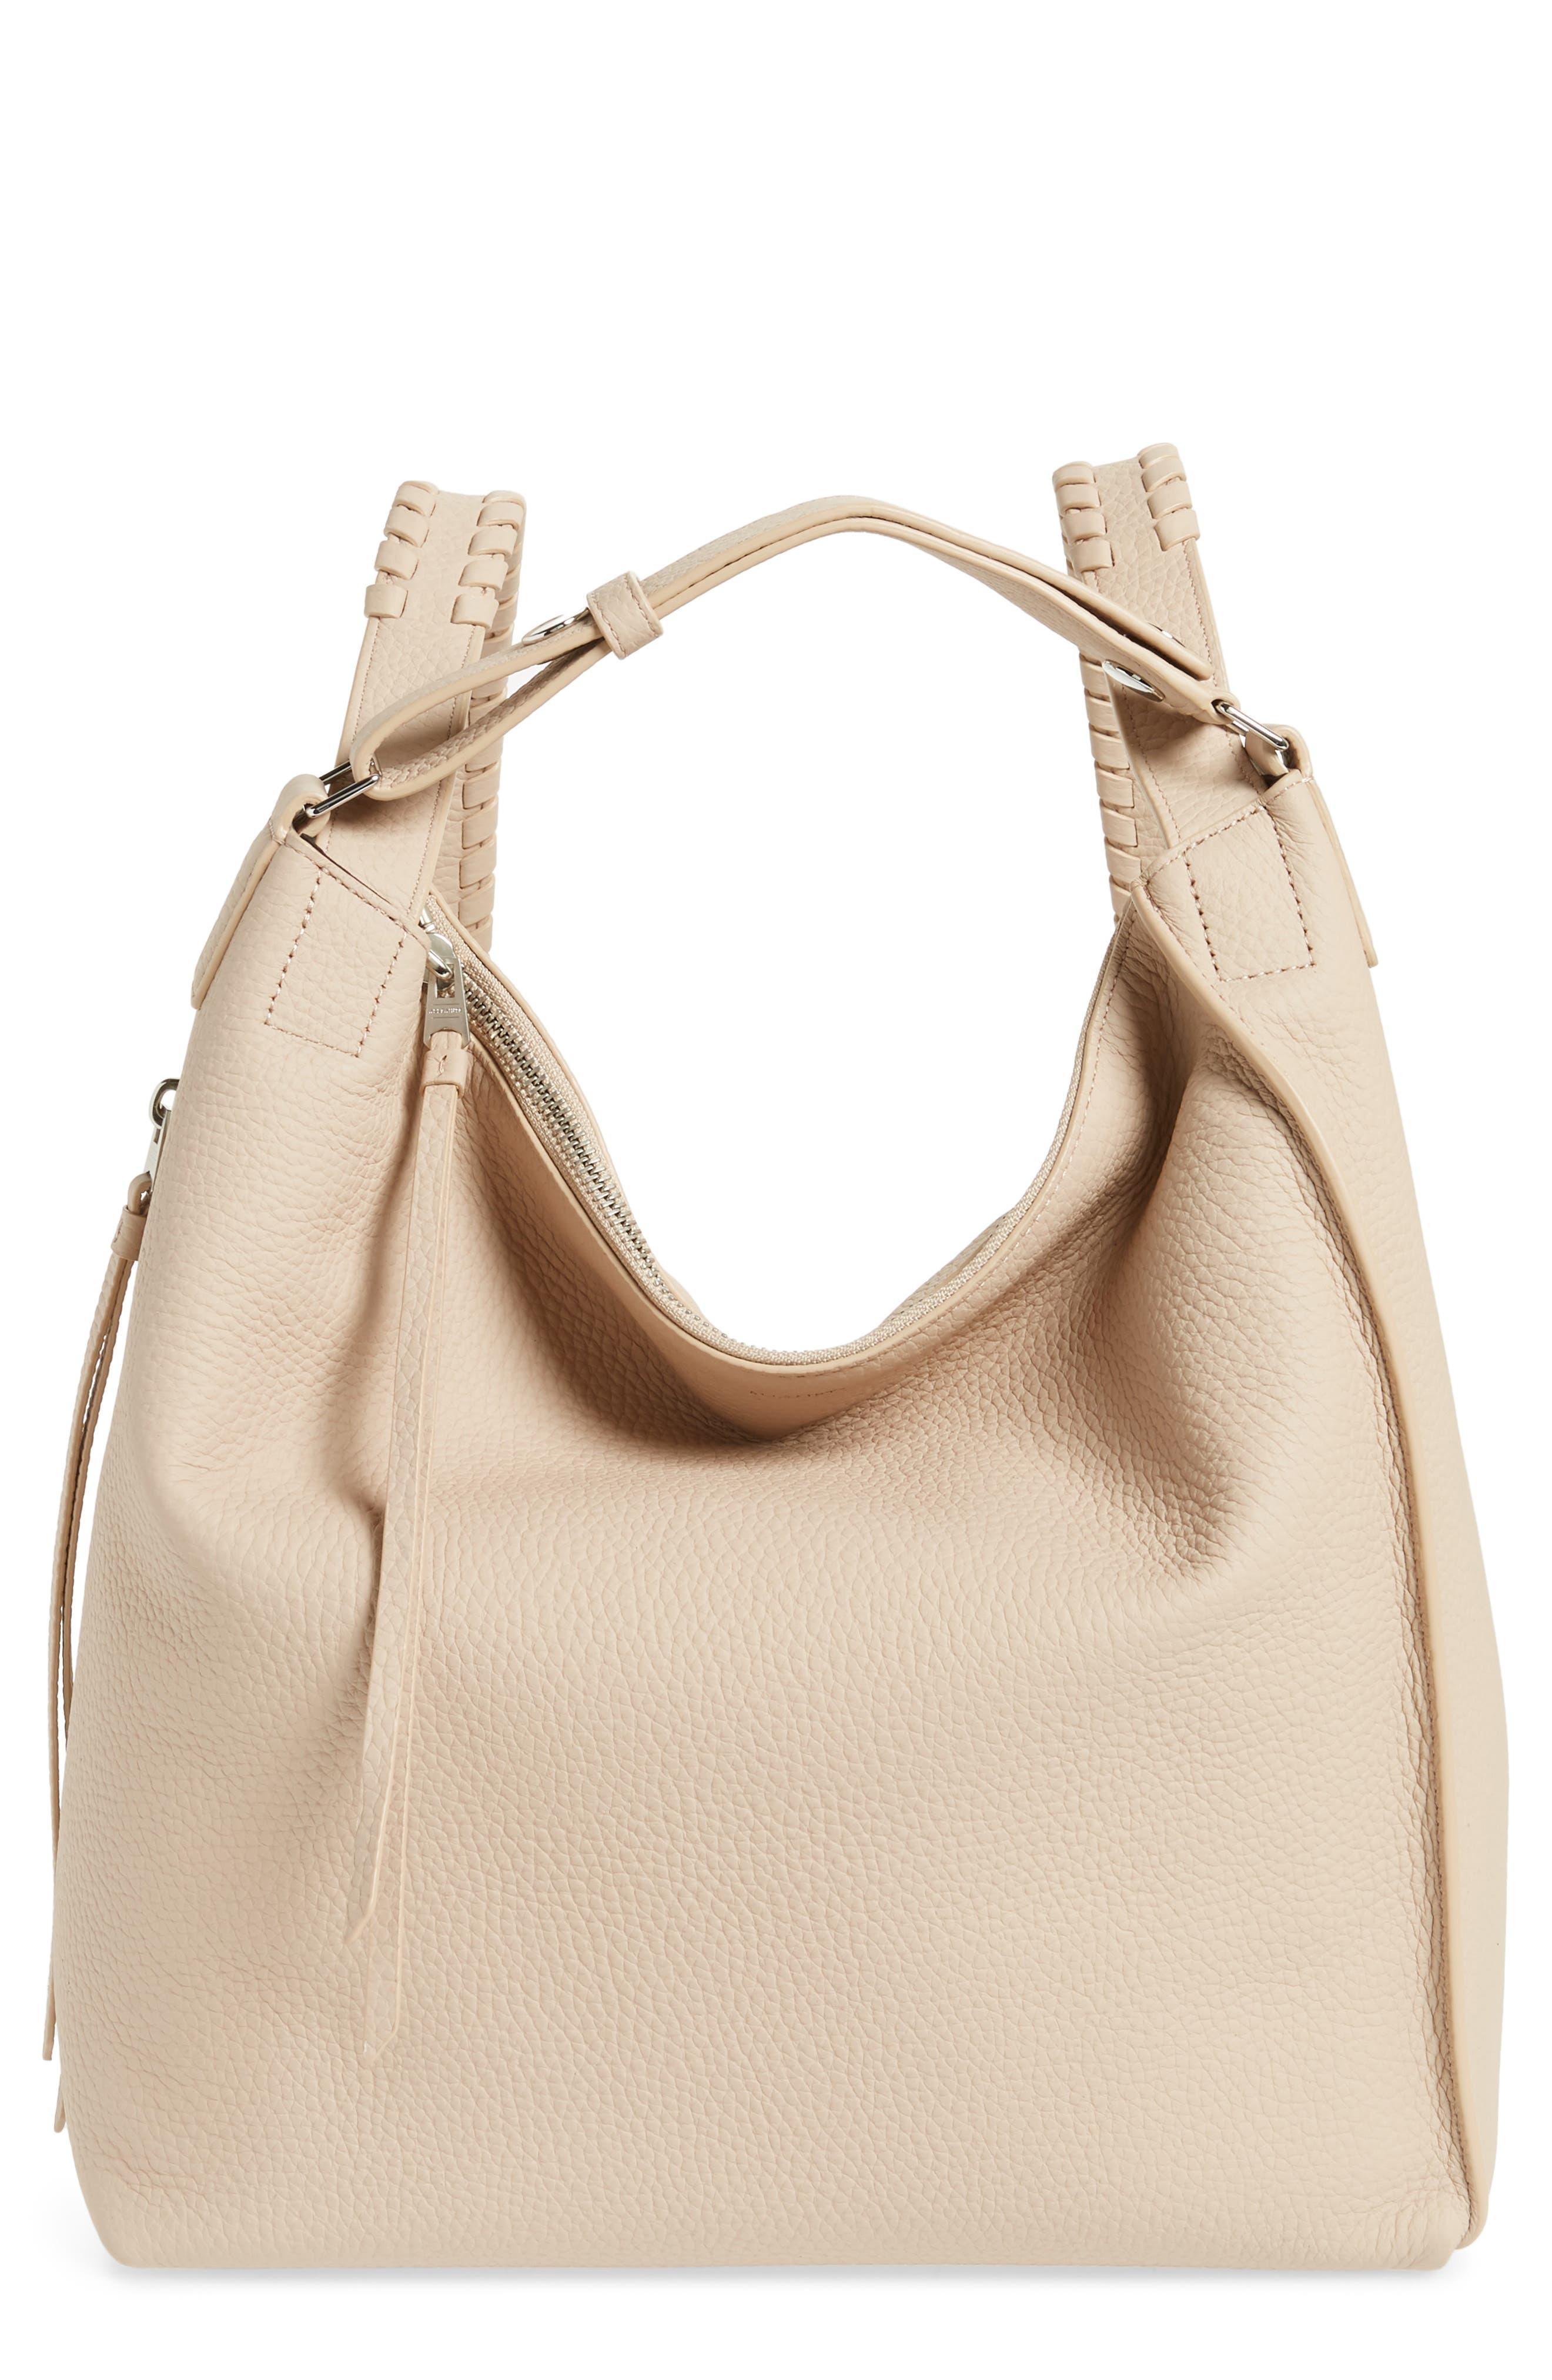 Small Kita Convertible Leather Backpack,                             Main thumbnail 1, color,                             Natural